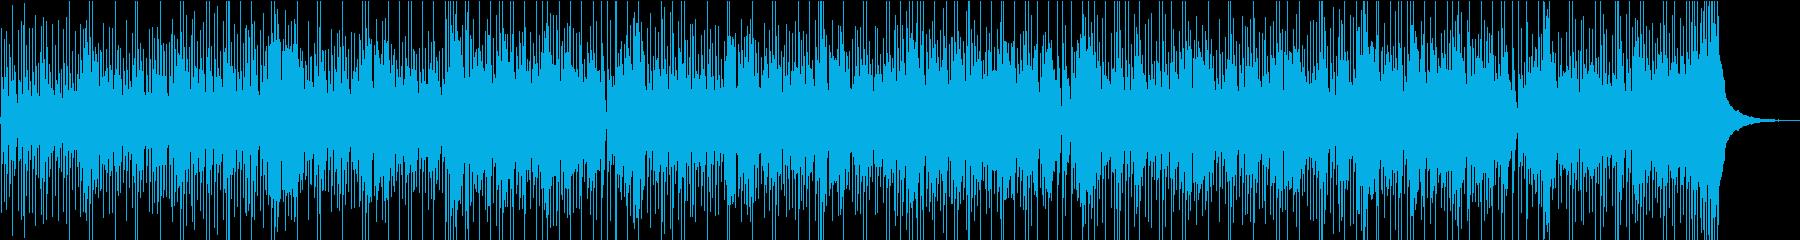 のどかであたたかな雰囲気のBGMの再生済みの波形